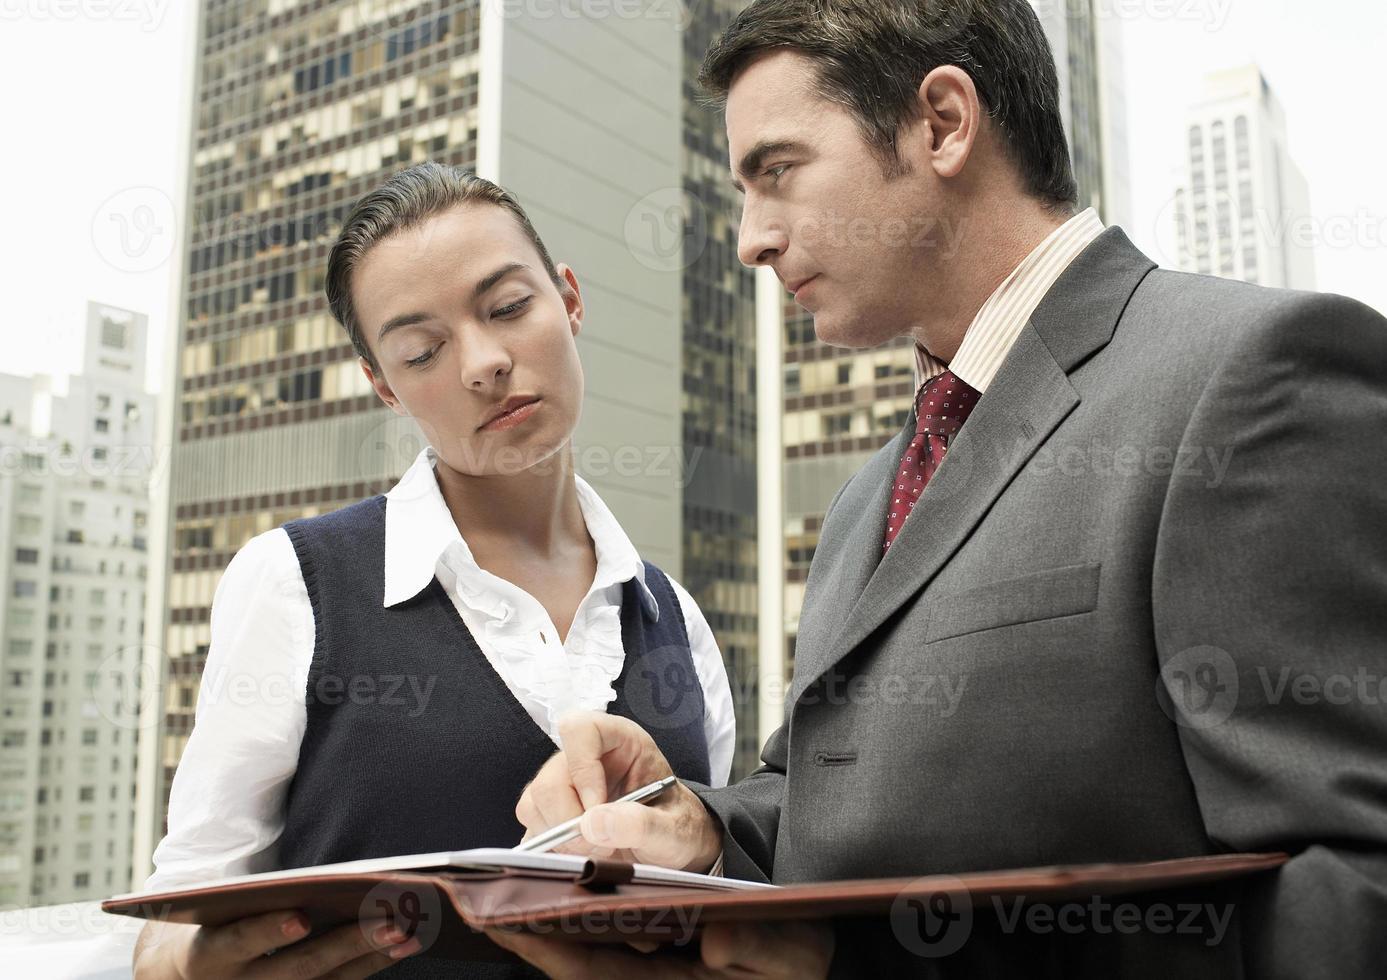 zakenman papierwerk tonen aan vrouw buitenshuis foto